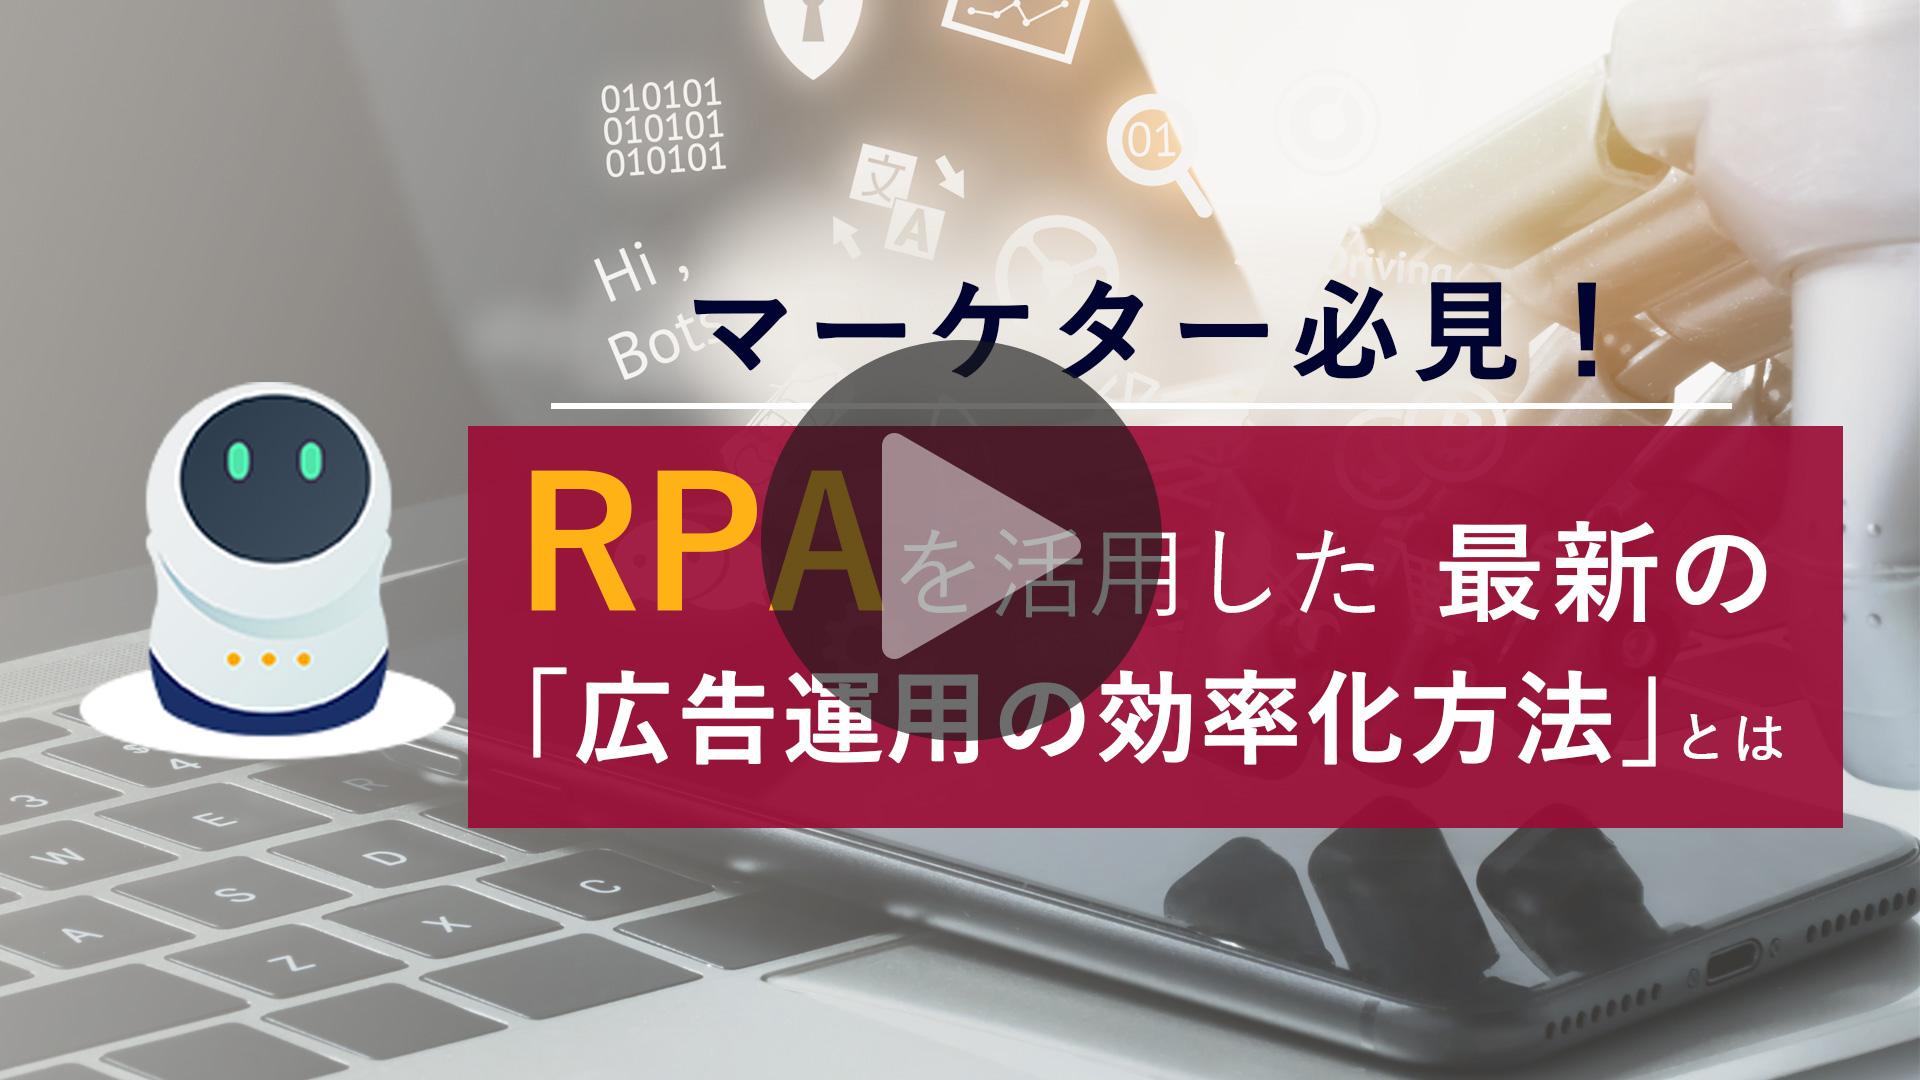 003 RPAの【活用方法と事例】